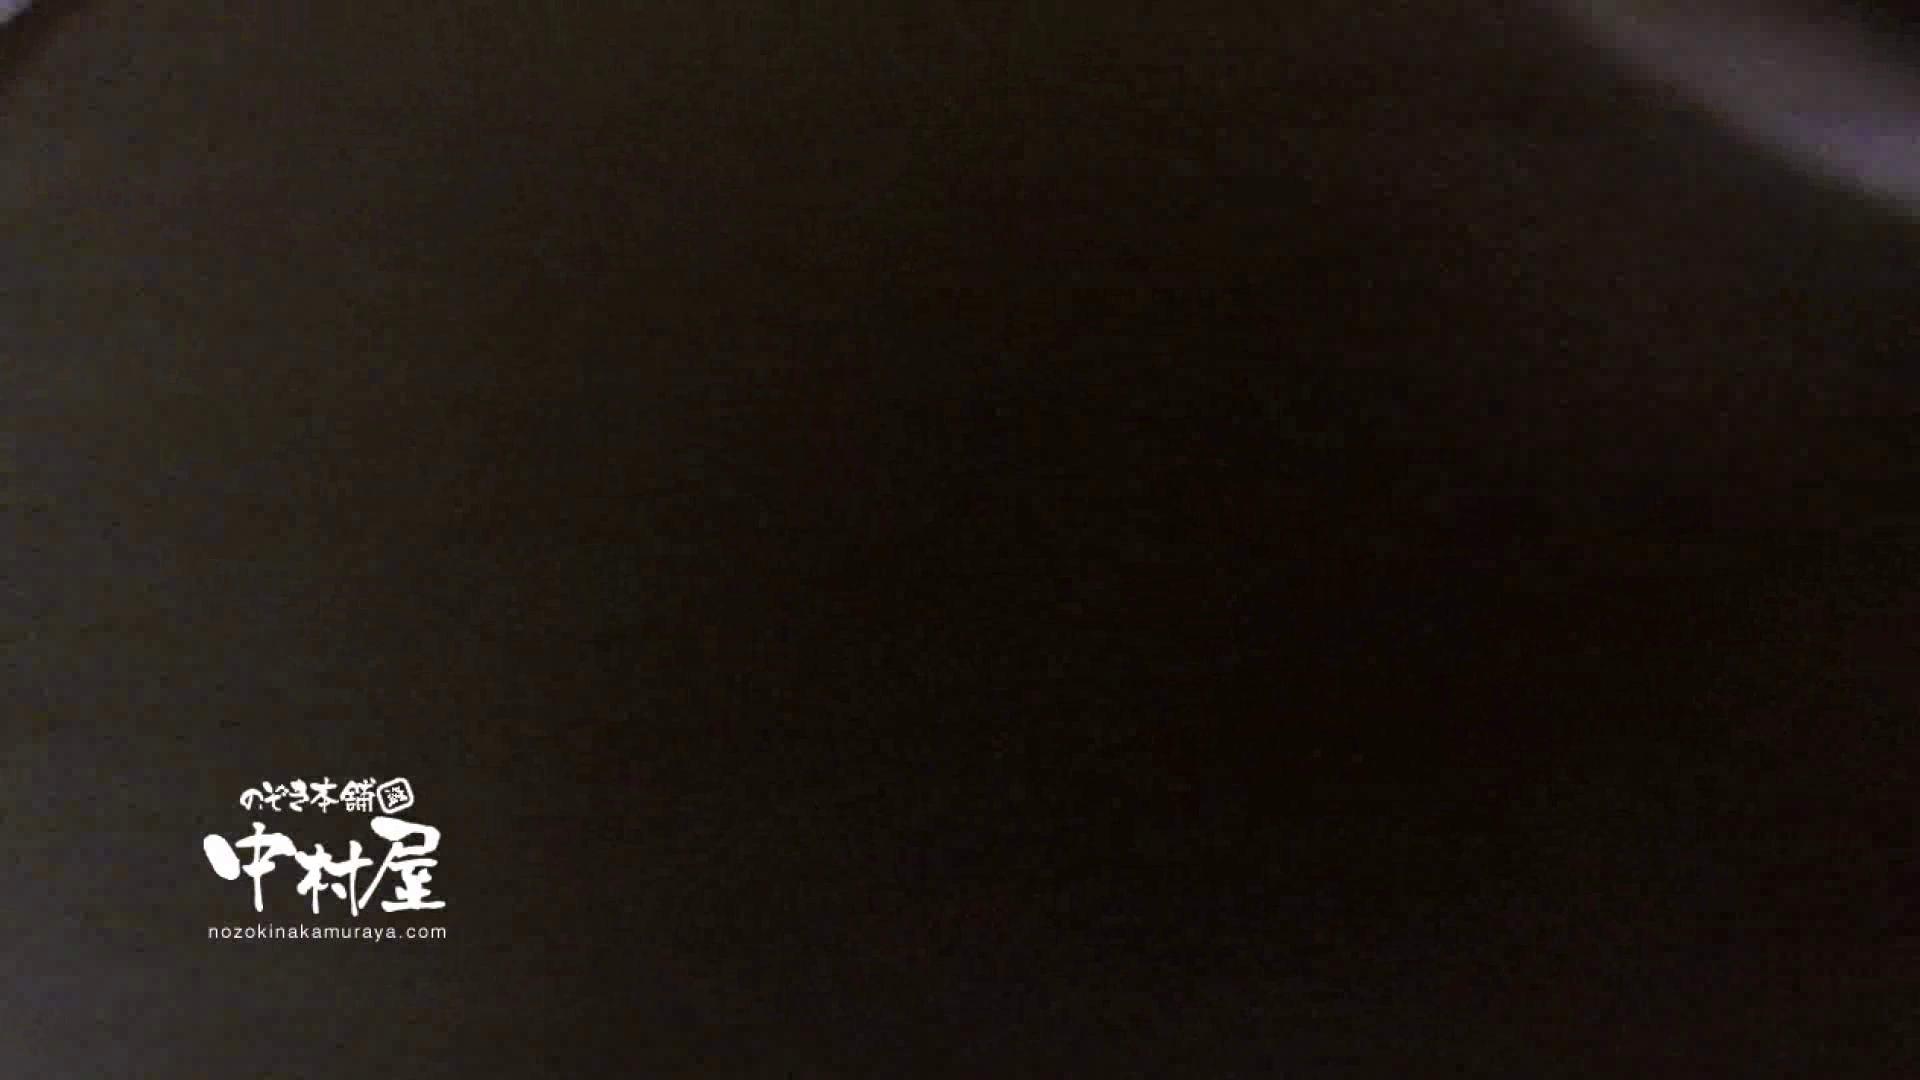 鬼畜 vol.10 あぁ無情…中出しパイパン! 前編 綺麗なOLたち  102枚 52